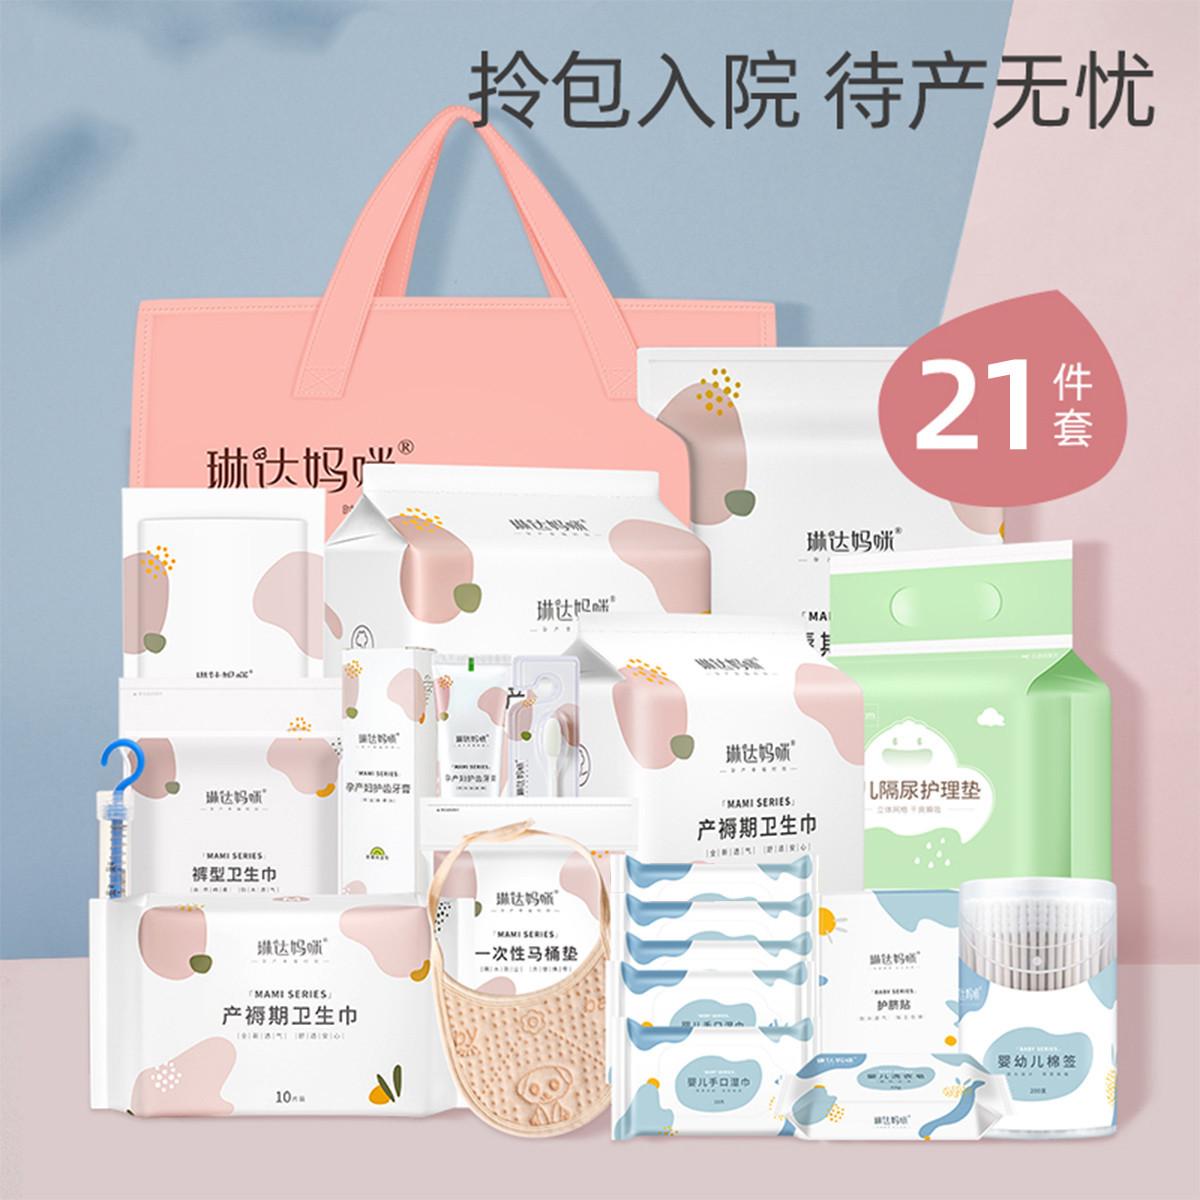 琳达妈咪 【21件套】待产包夏季入院全套母子组合产后实用坐月子产妇用品